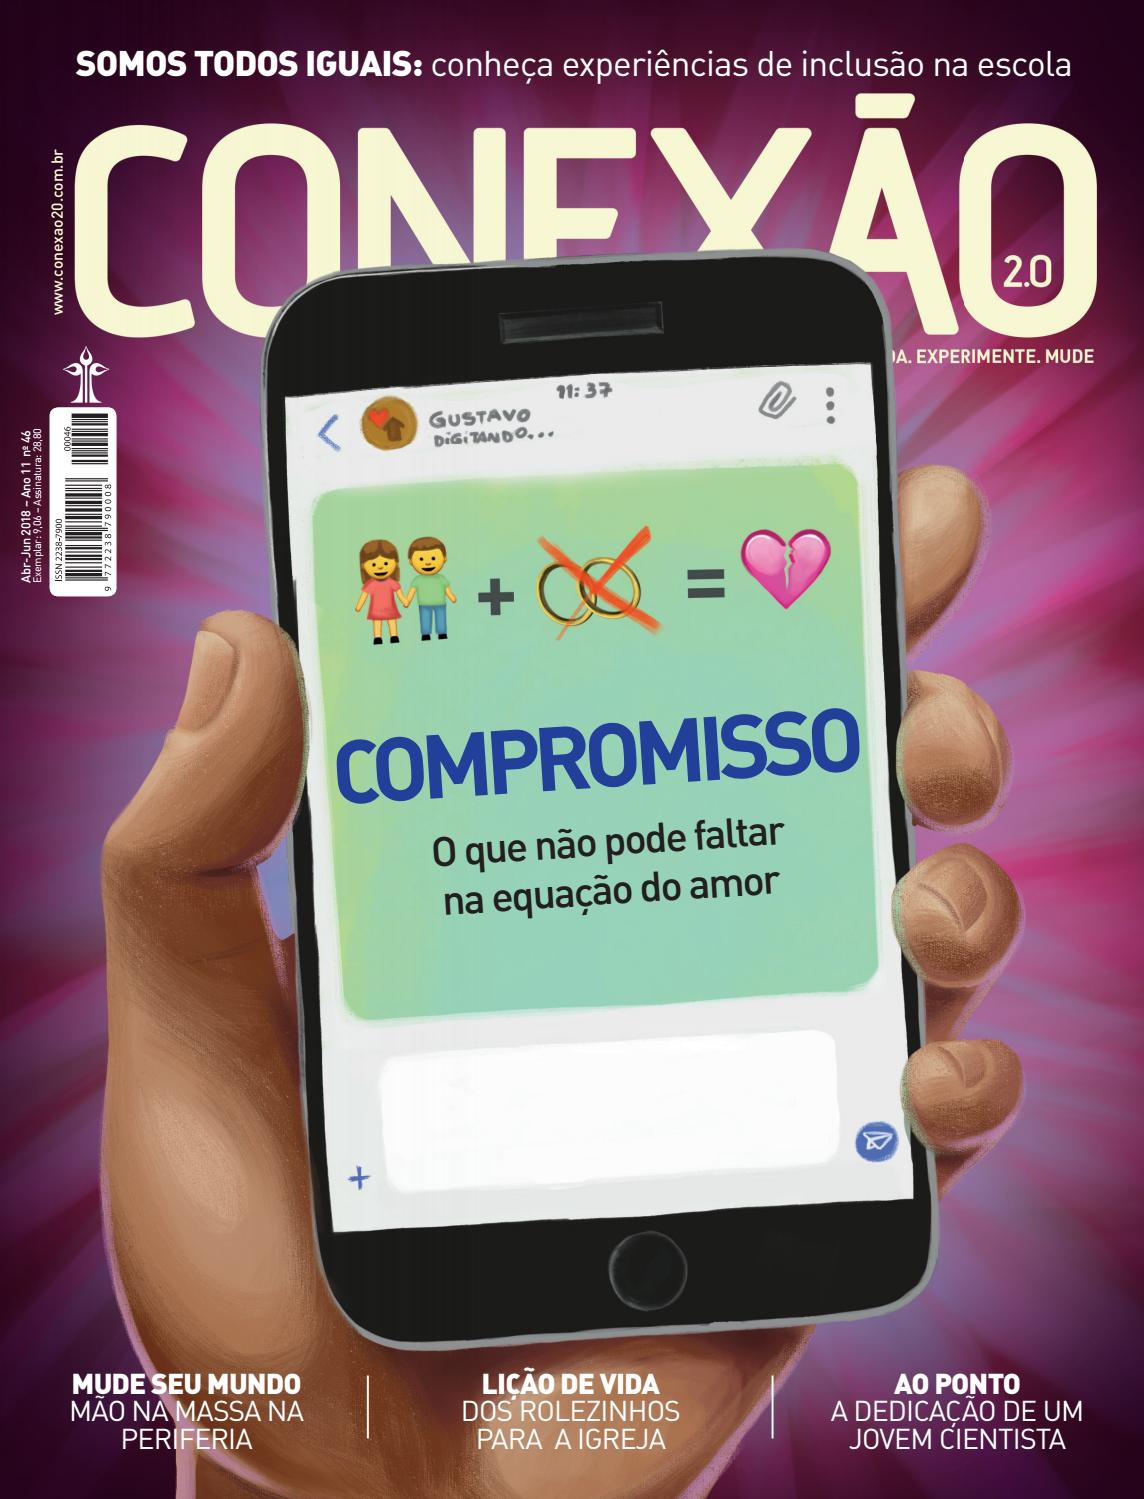 Conexão 2.0 - COMPROMISSO by Portal da Educação Adventista - issuu 49e07843941ea